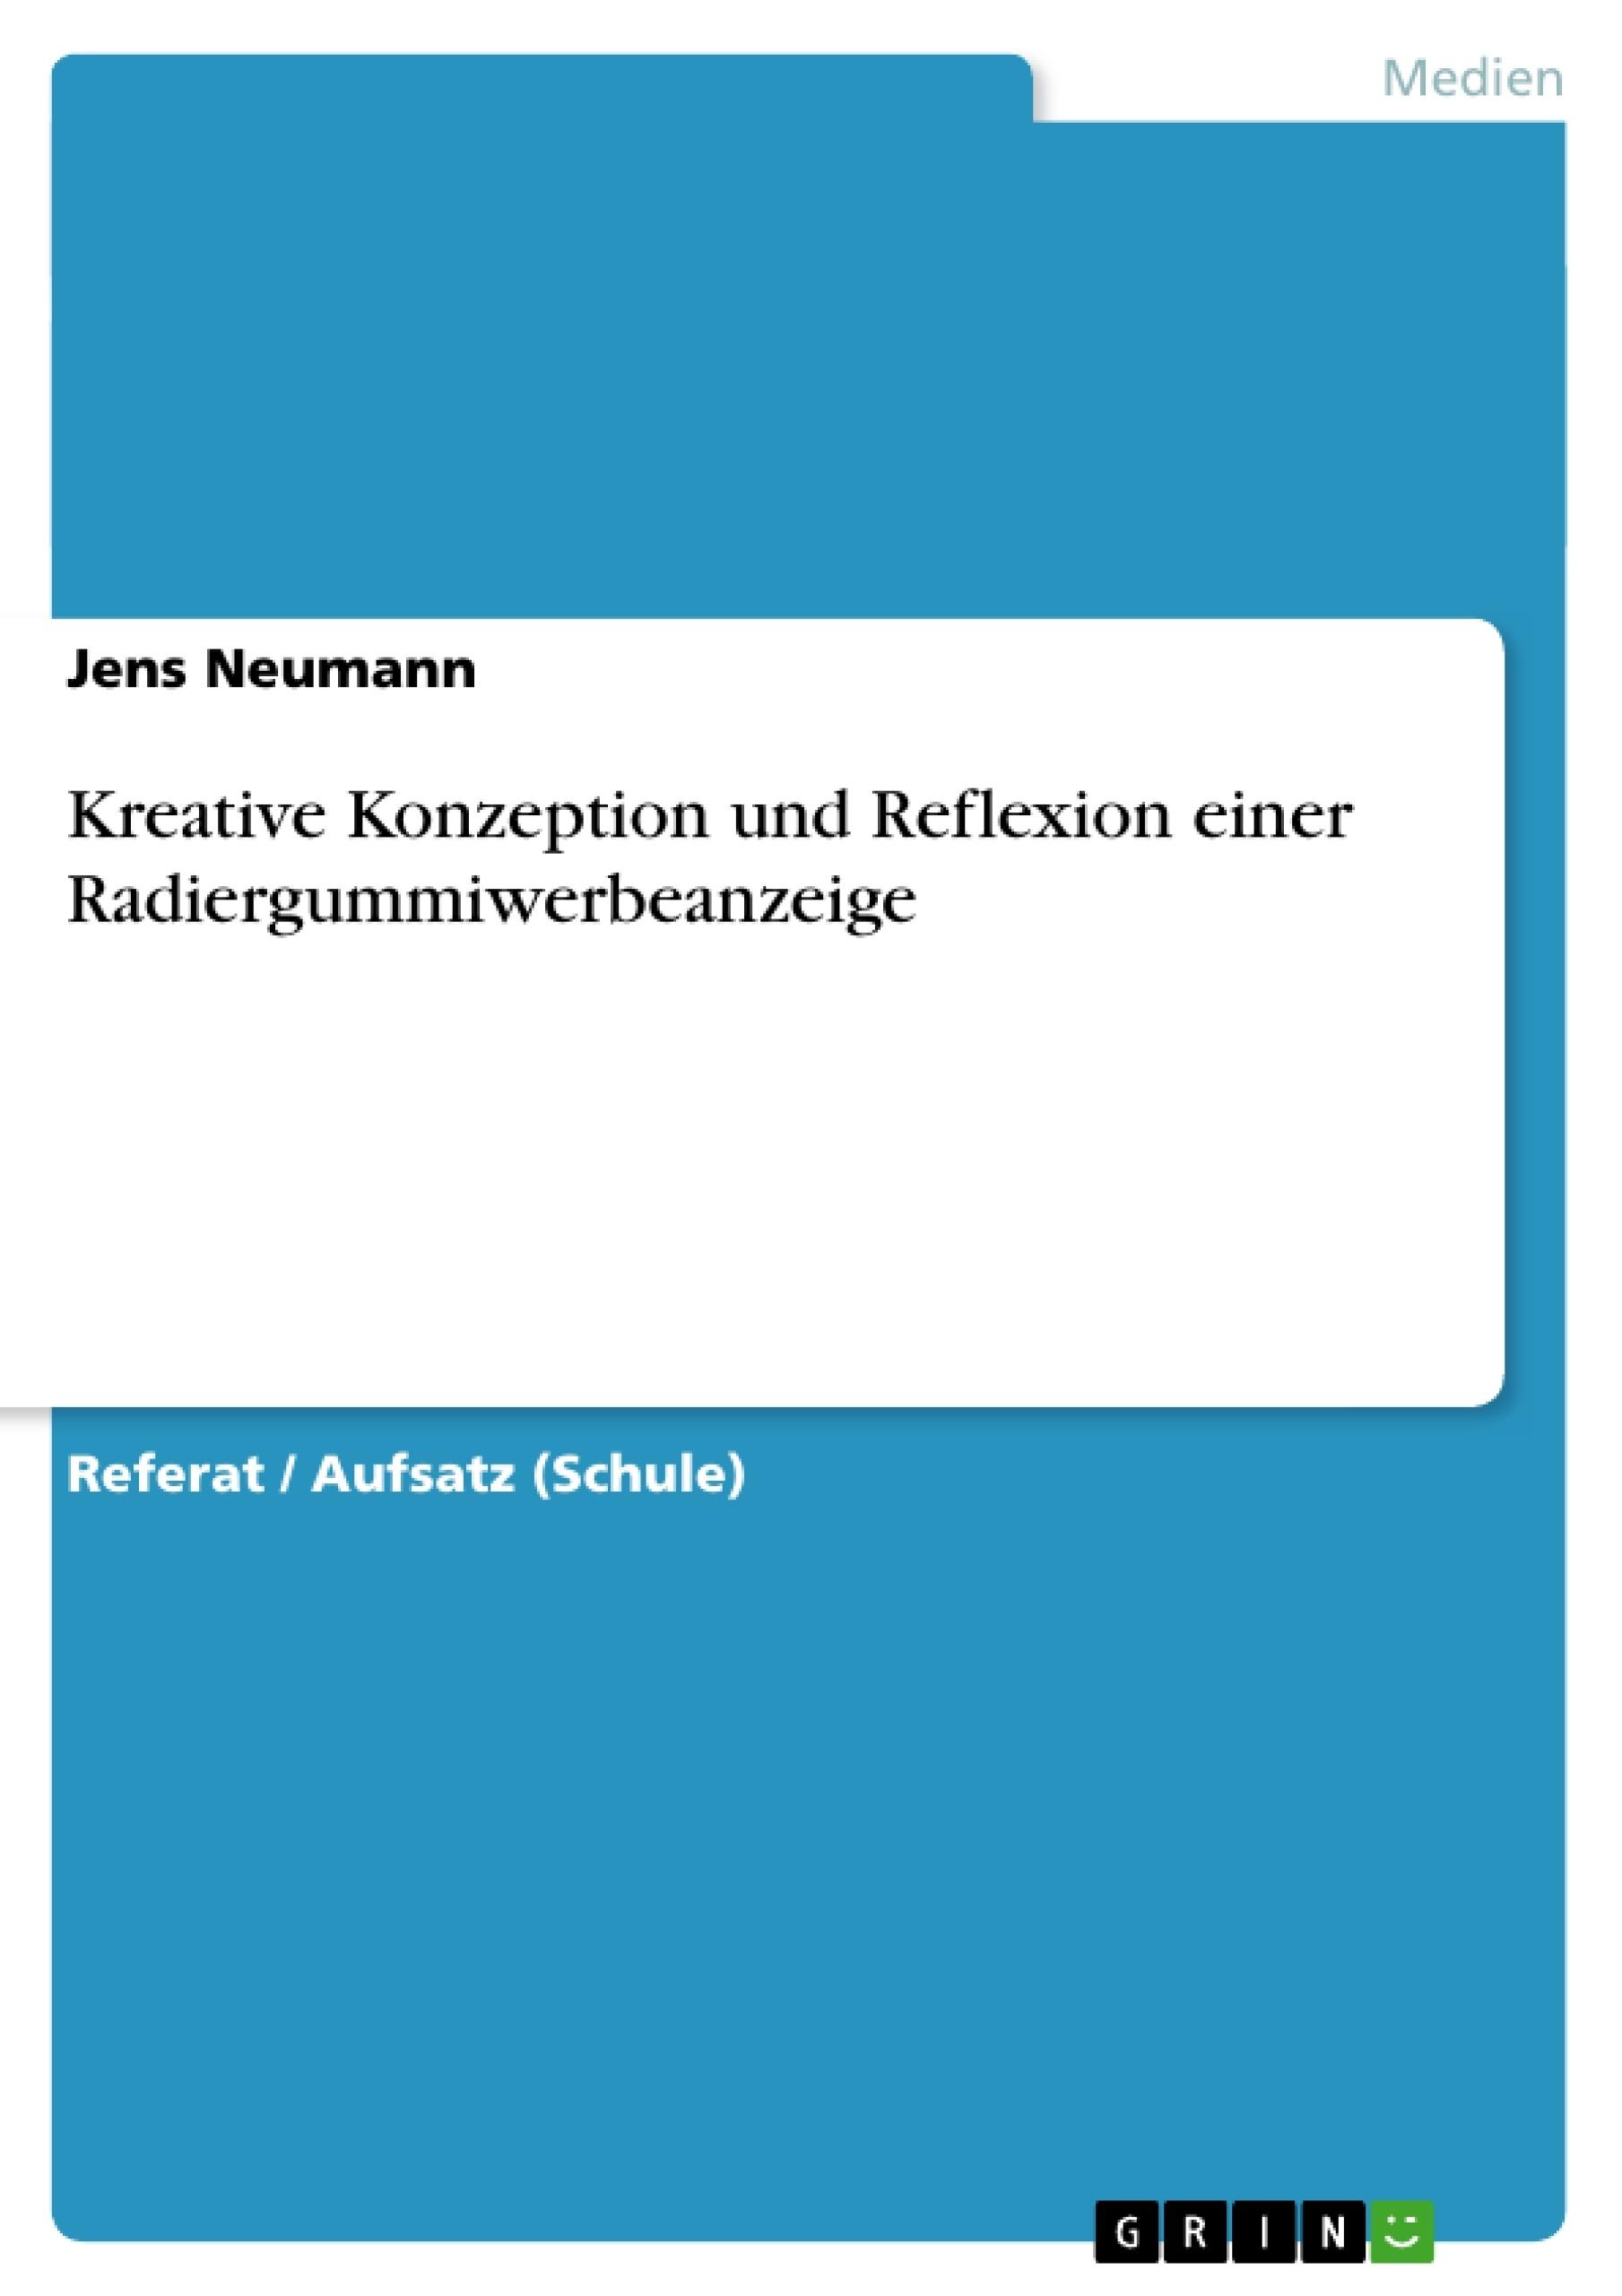 Titel: Kreative Konzeption und Reflexion einer Radiergummiwerbeanzeige